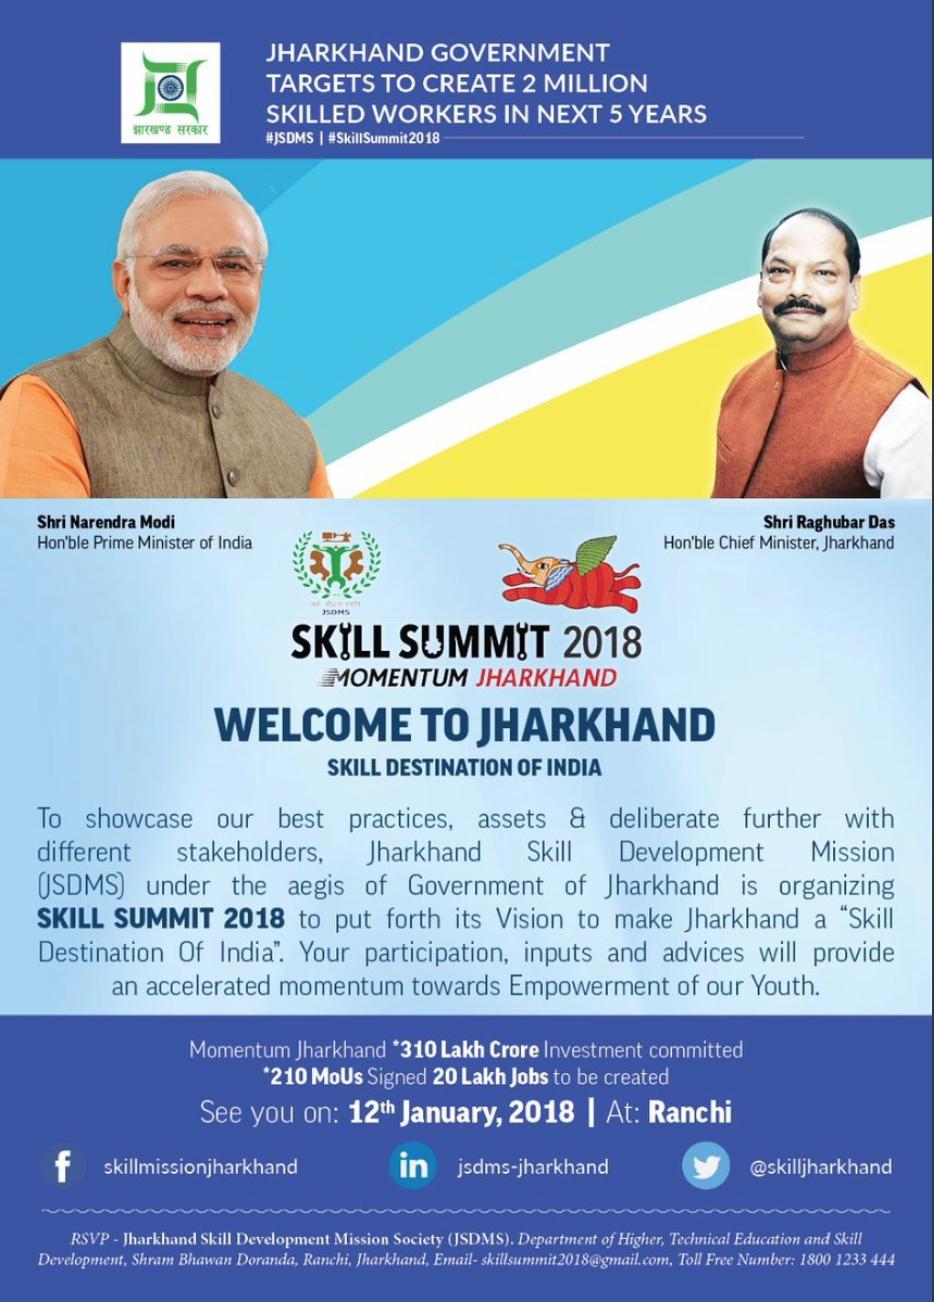 Jharkhand Skills Summit 2018